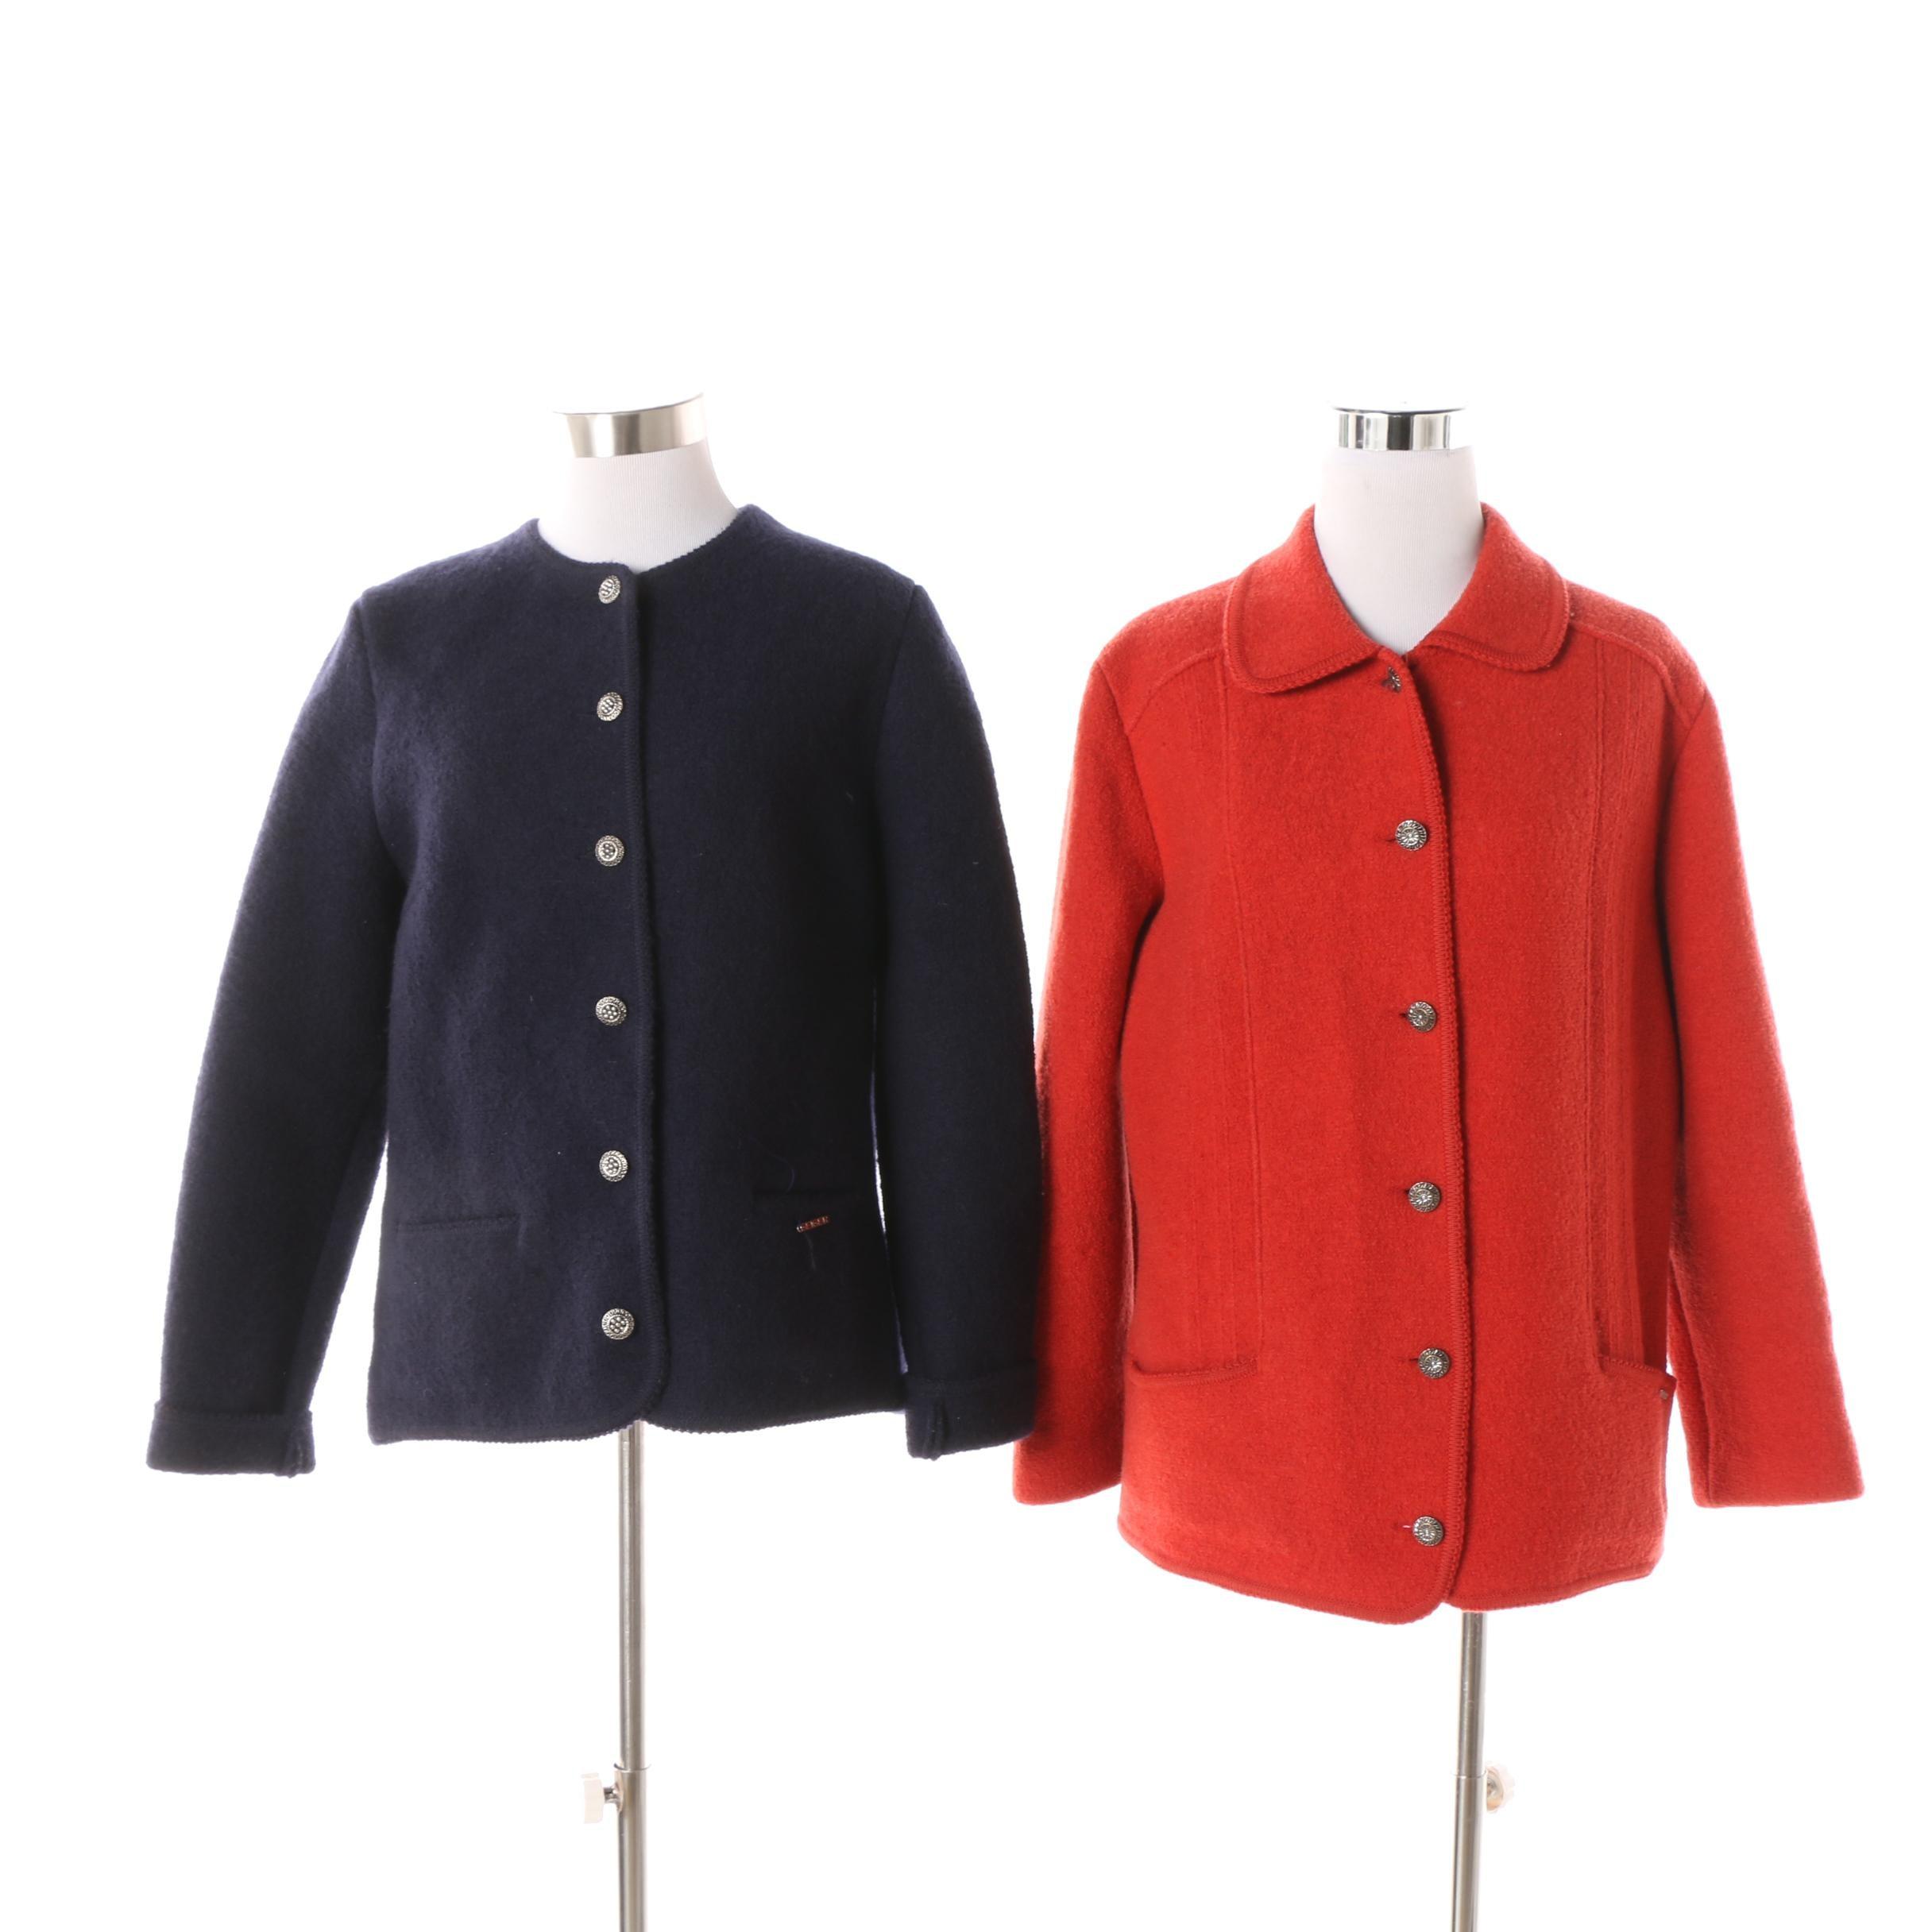 Women's Geiger of Austria Boiled Wool Jackets